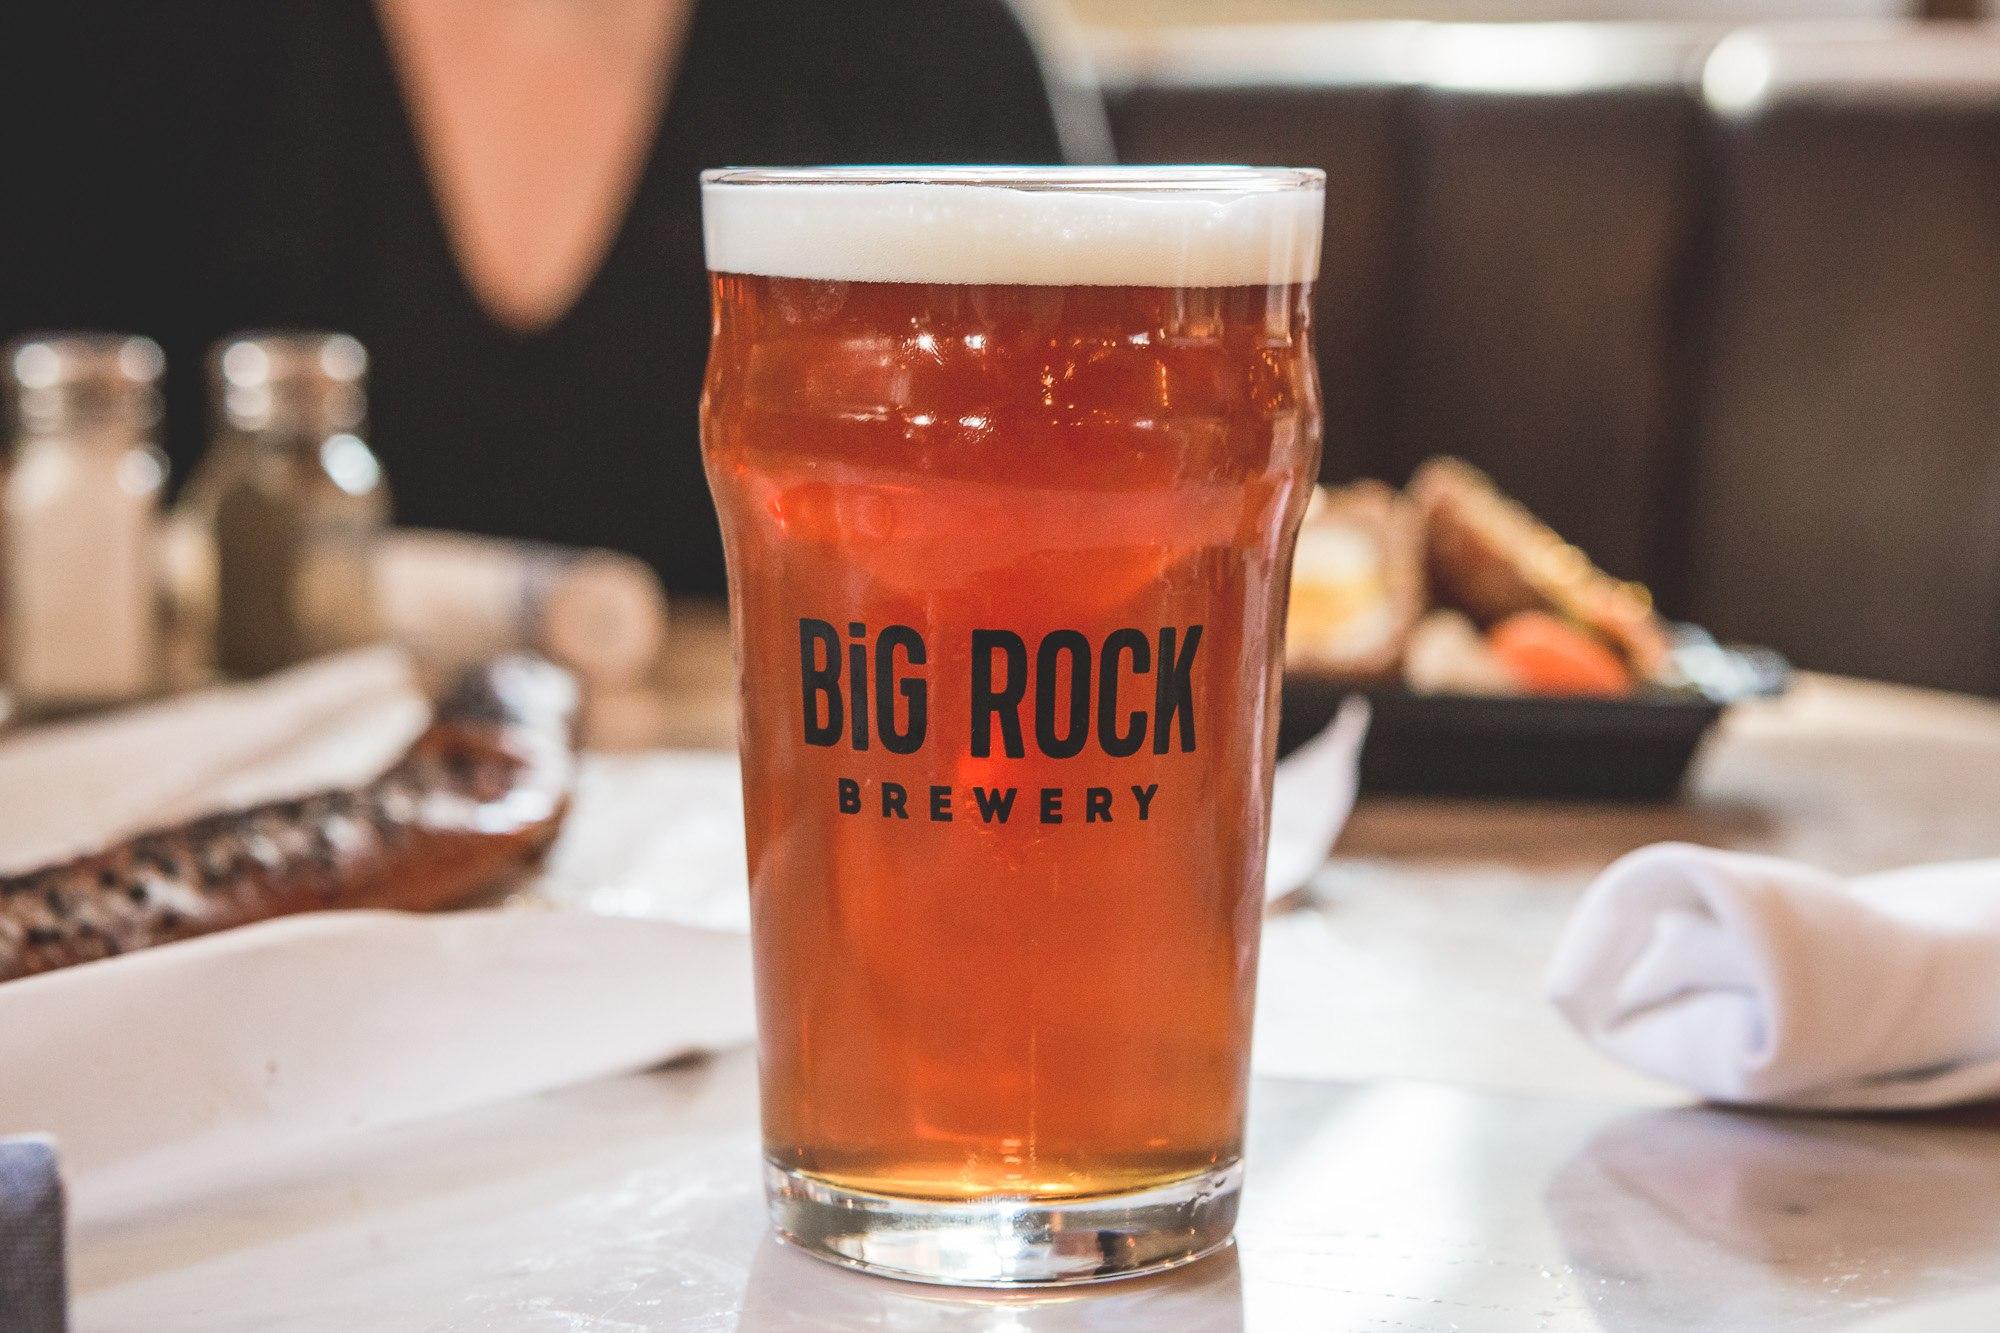 Big Rock Liberty commons pub beer